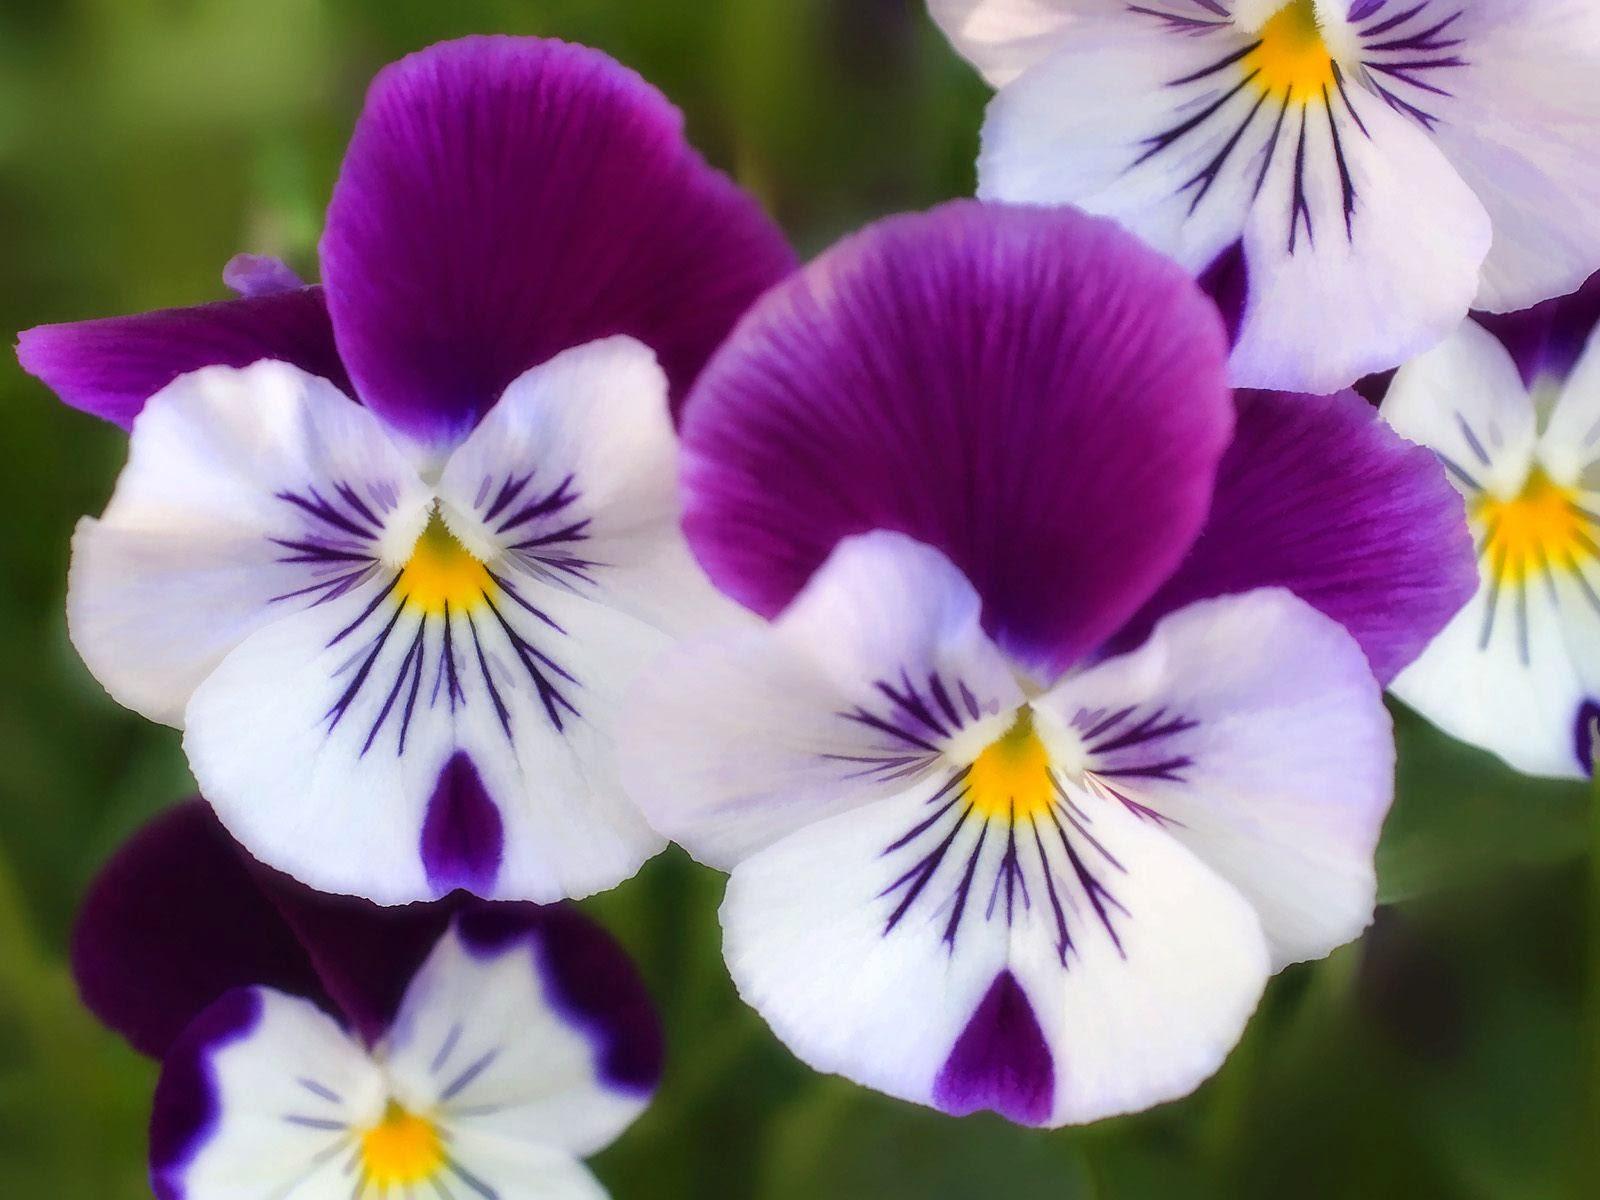 Imagenes De Flores De Pensamiento - Flor, Del, Pensamiento Imágenes gratis en Pixabay